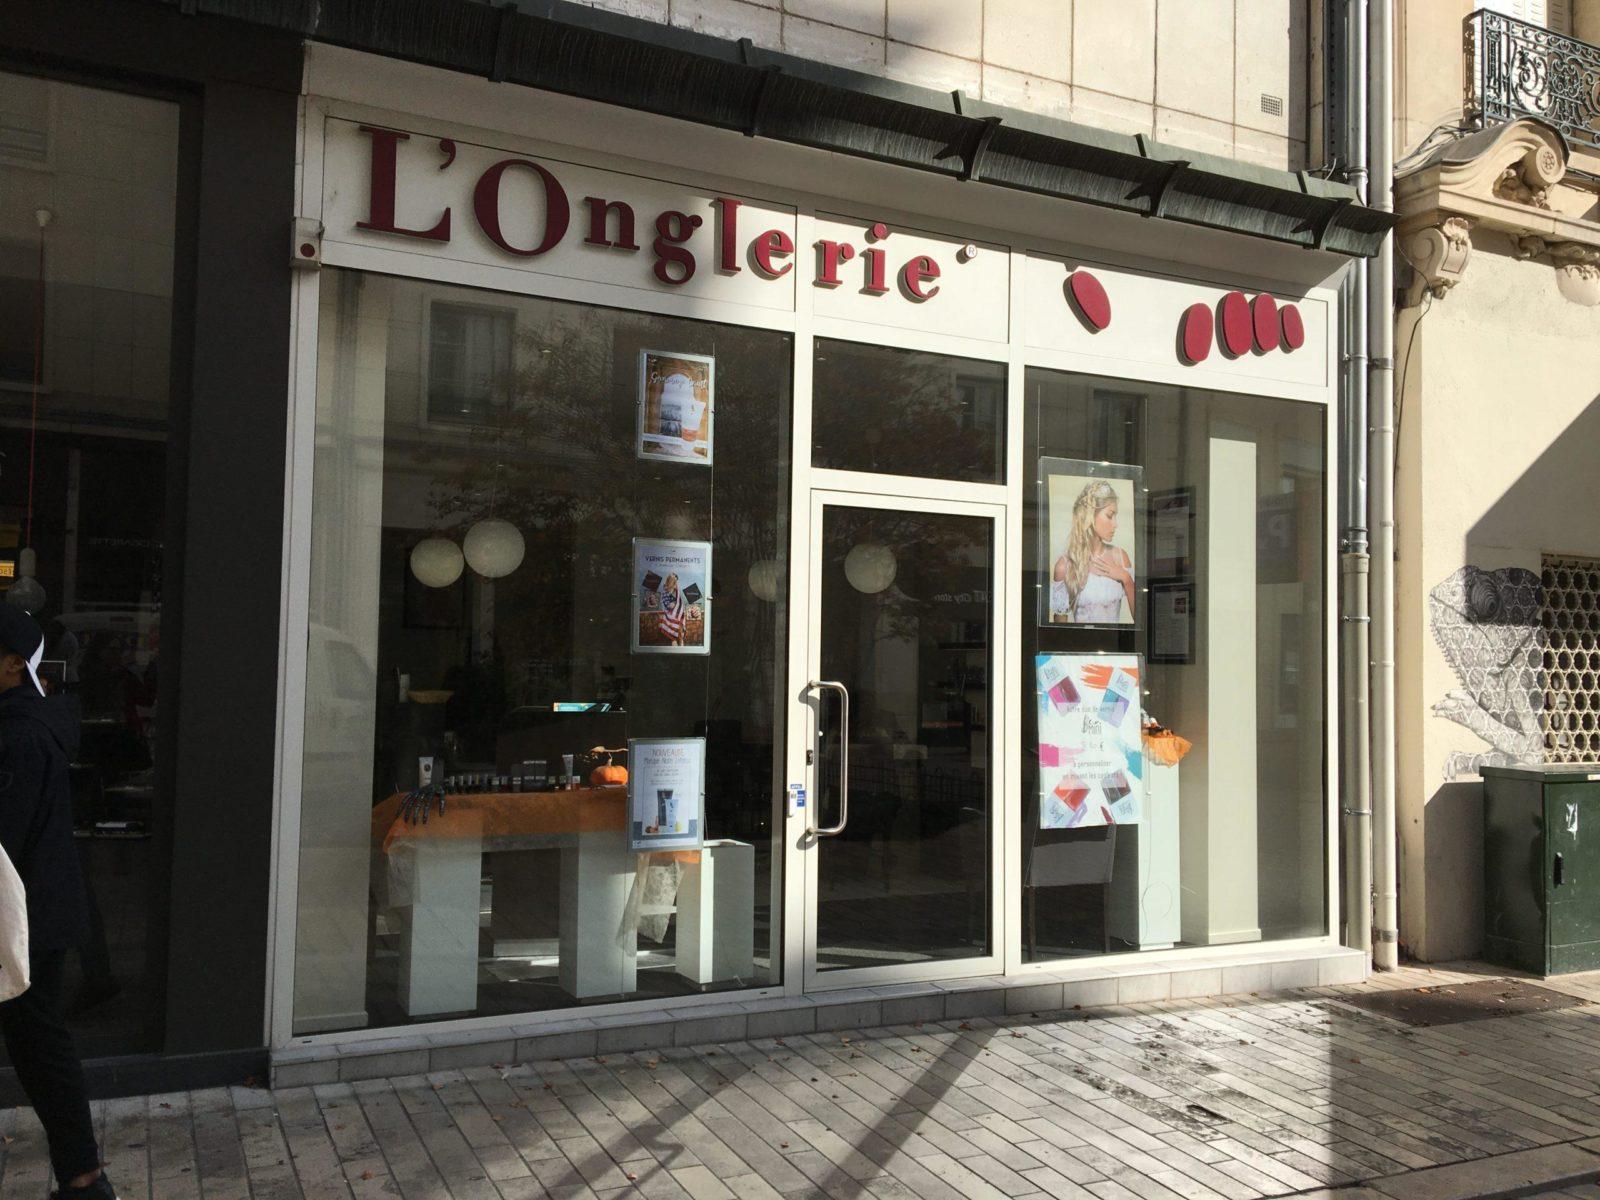 Institut L'Onglerie – Orléans